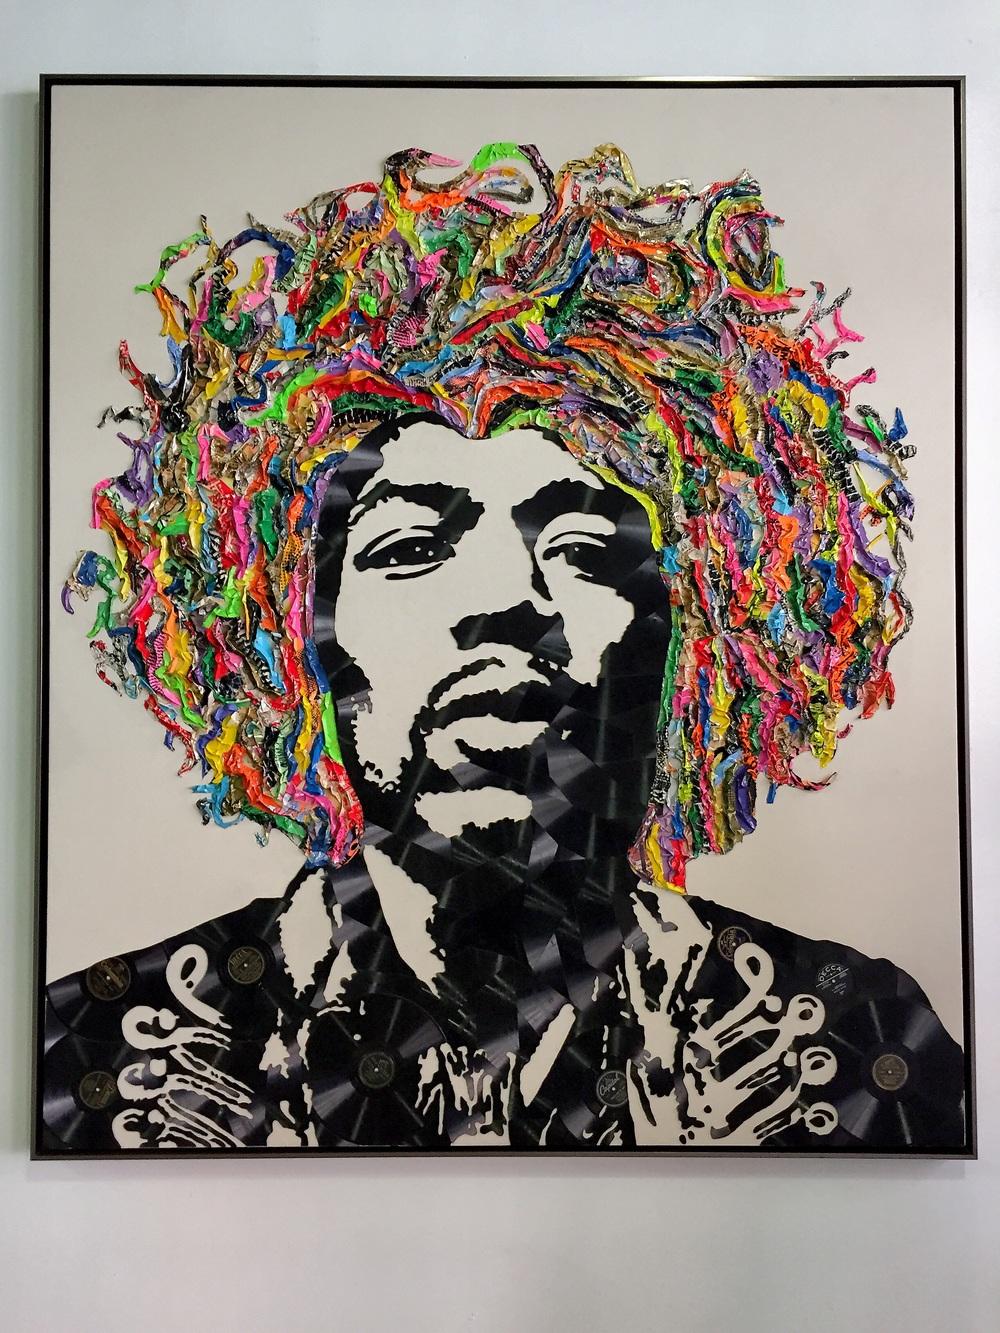 Jimi Hendrix?